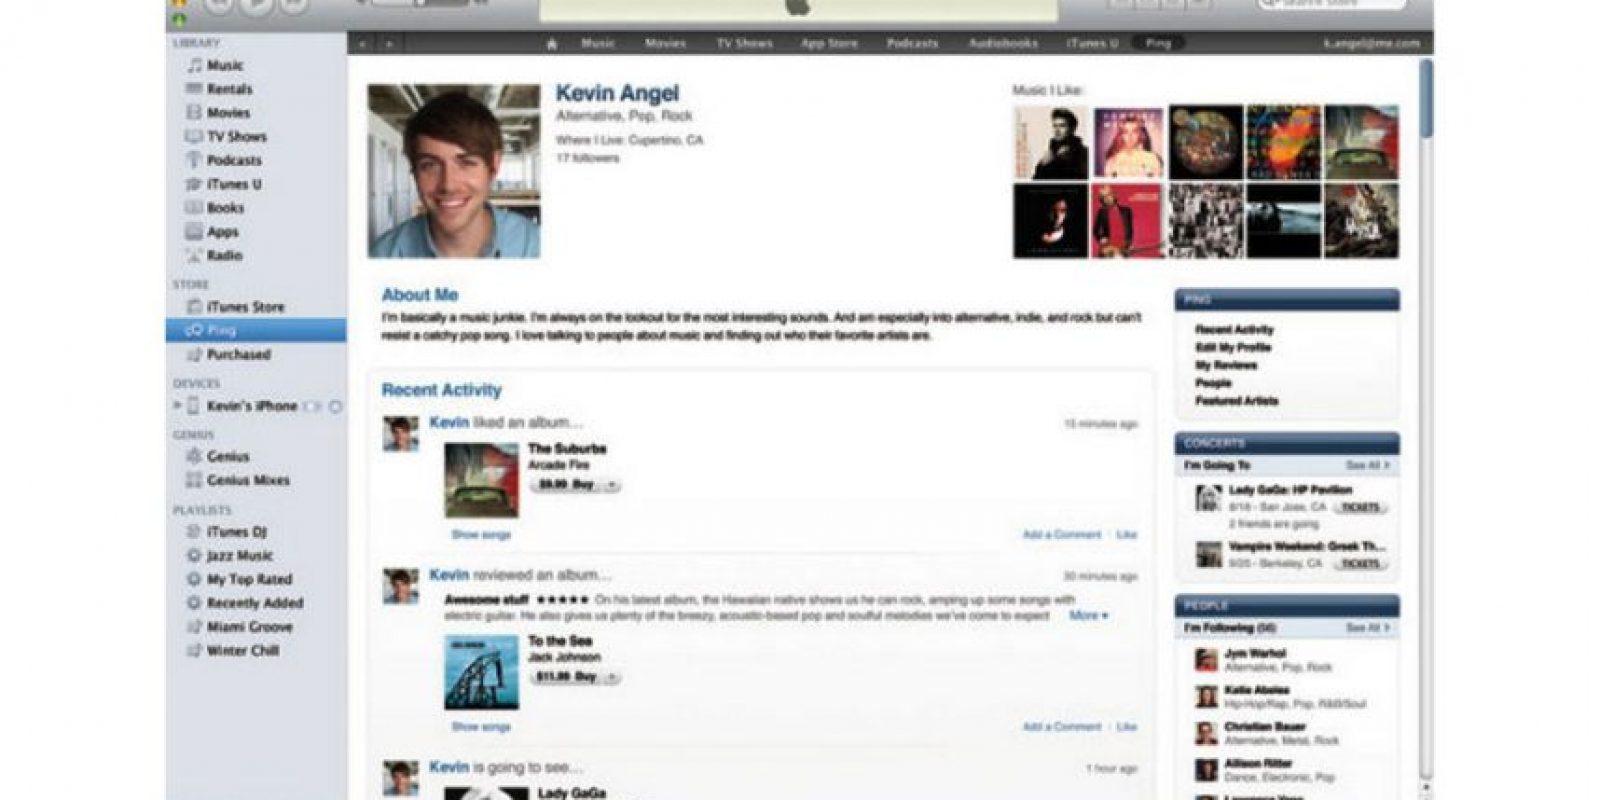 """Consistía en un servicio de recomendación de artistas paralelo a Twitter y Facebook en iTunes. Pero fue un fracaso debido al inmenso """"spam"""" que se filtró. Murió en 2012 cuando se sustituyó con la integración de redes sociales Foto:Apple"""